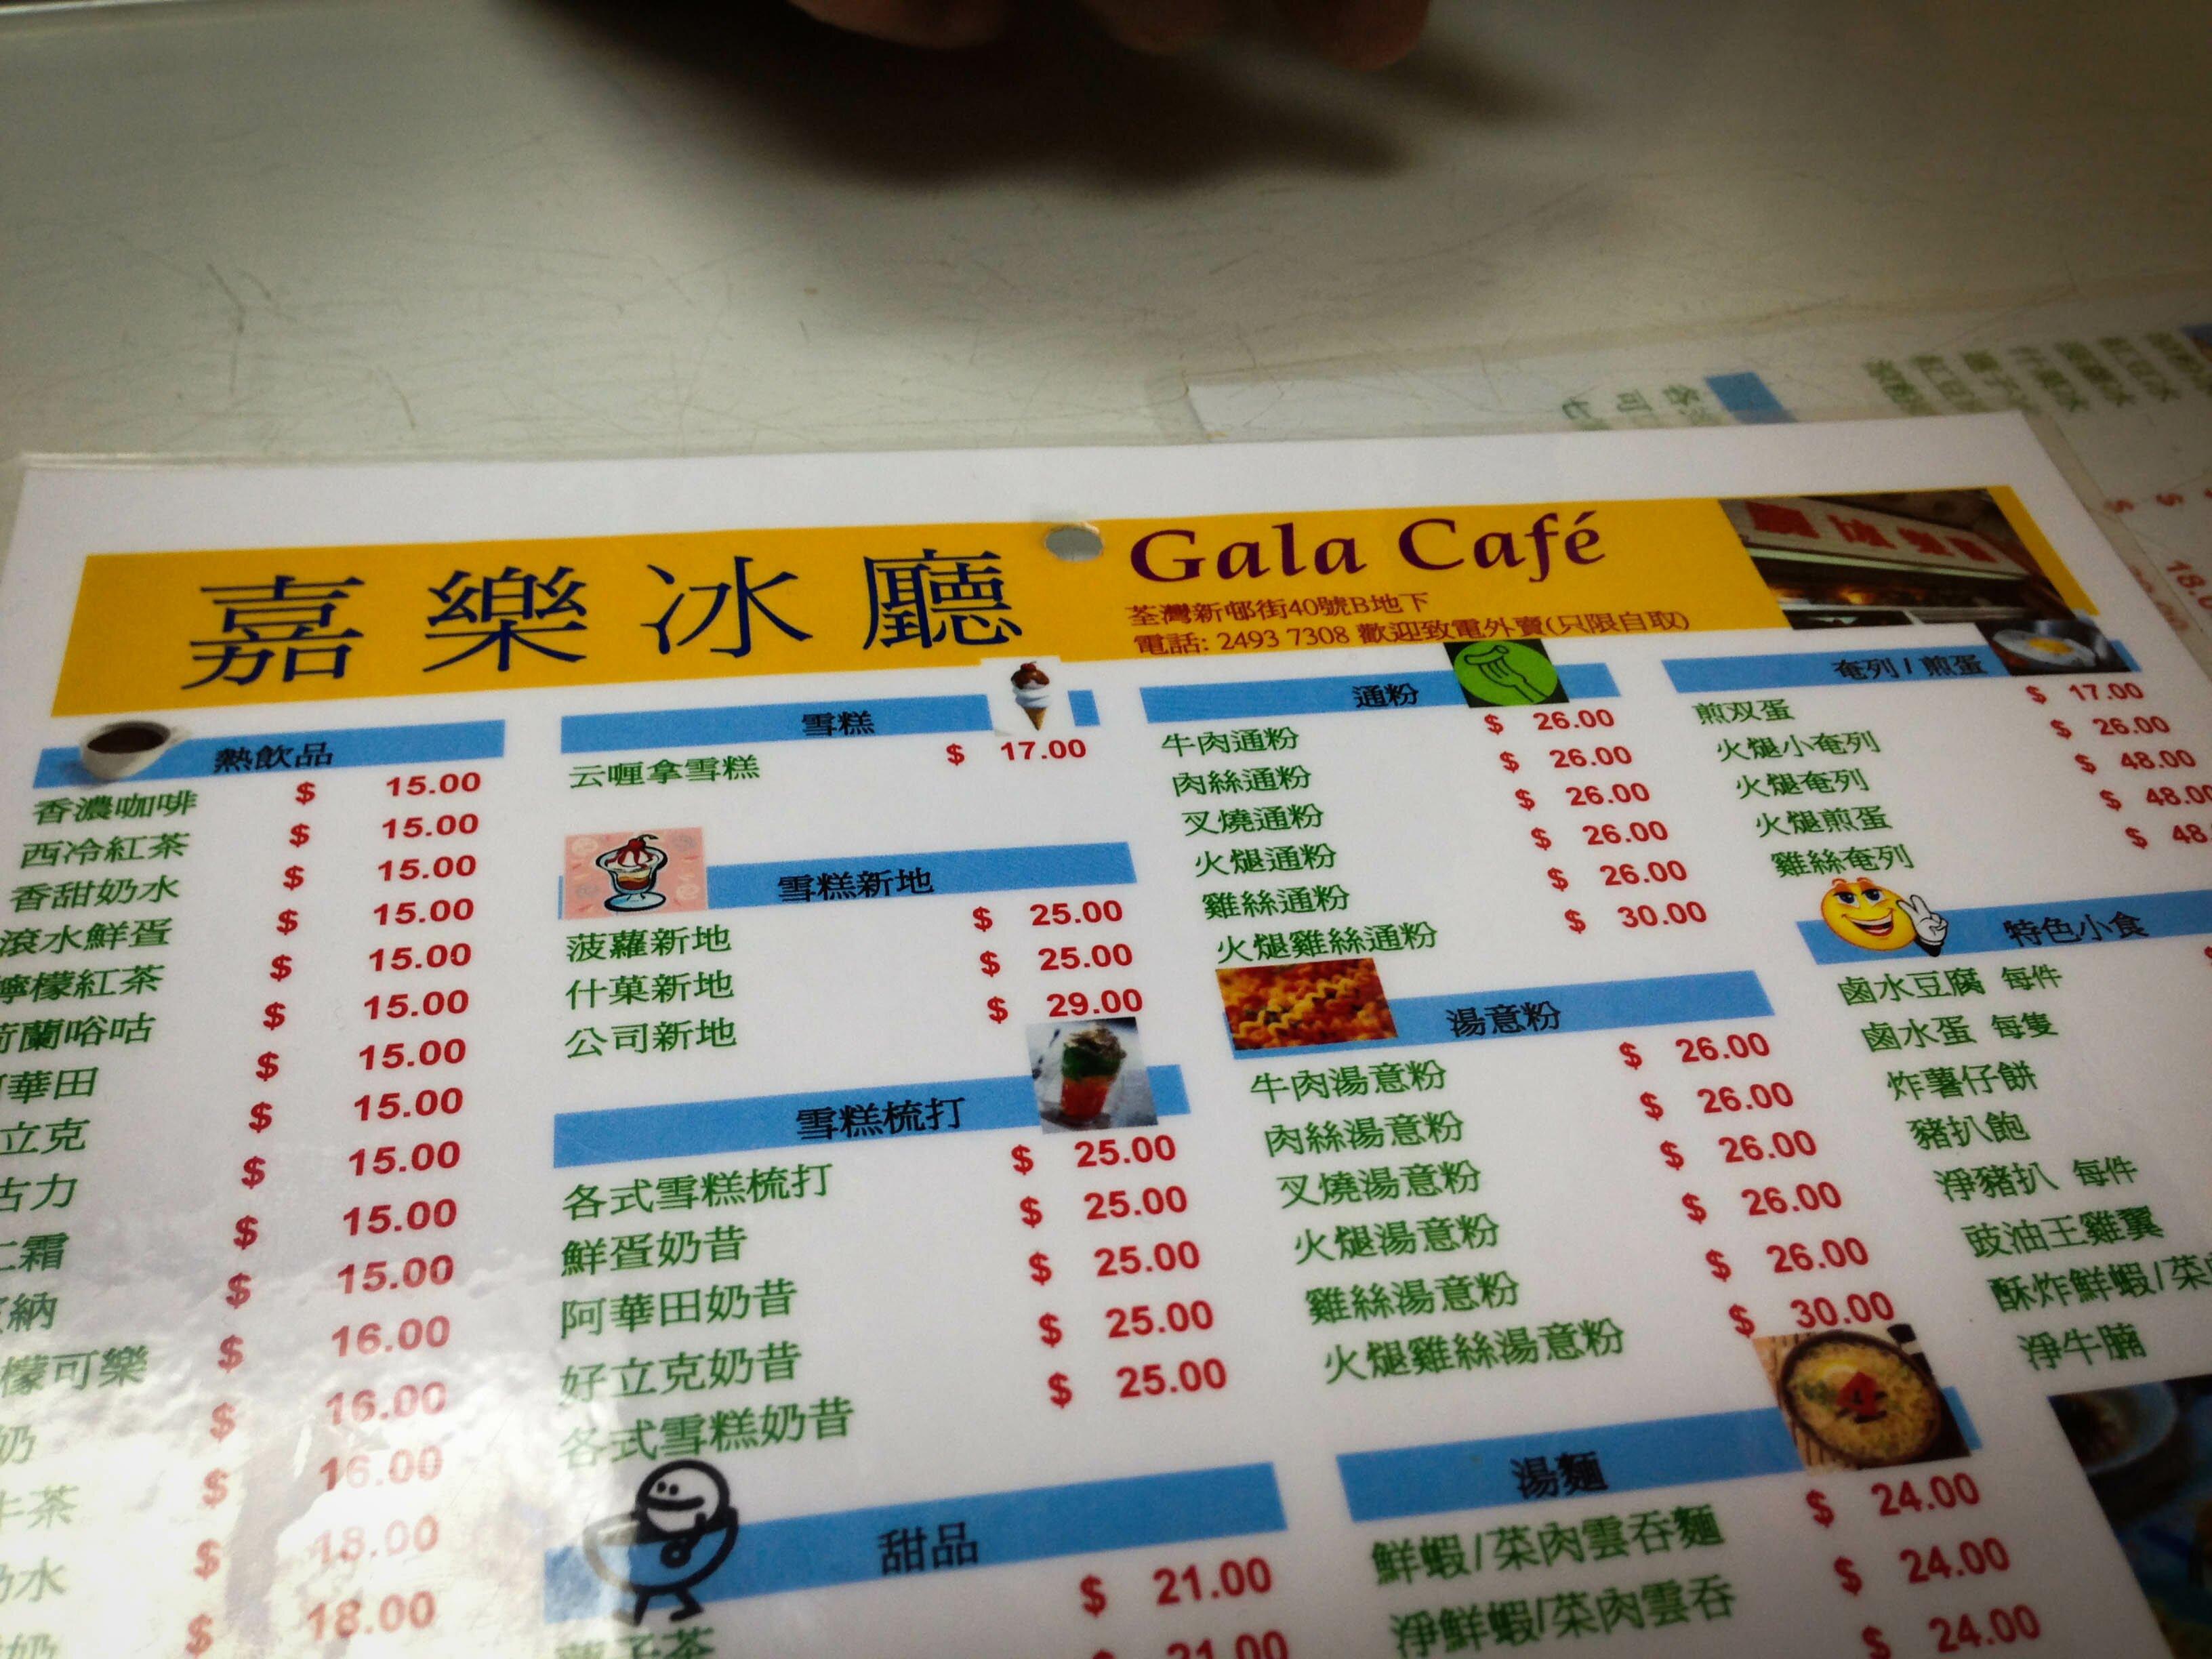 Hong Kong Travels: Gala Cafe